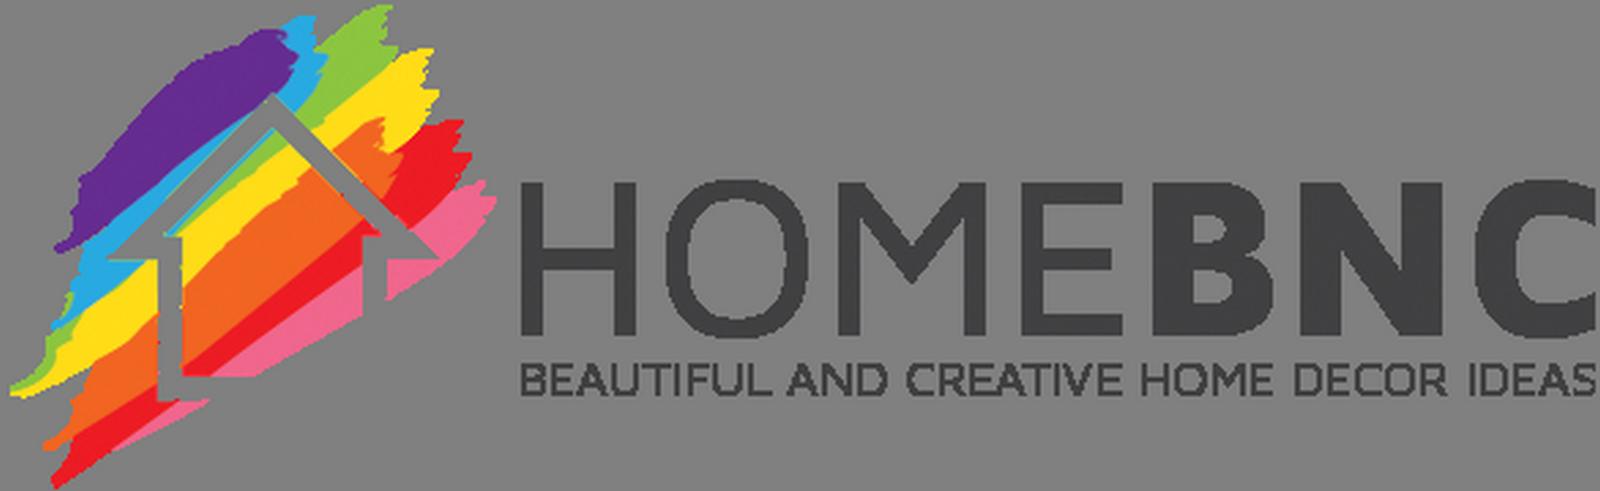 cherylphan.com - homebnc